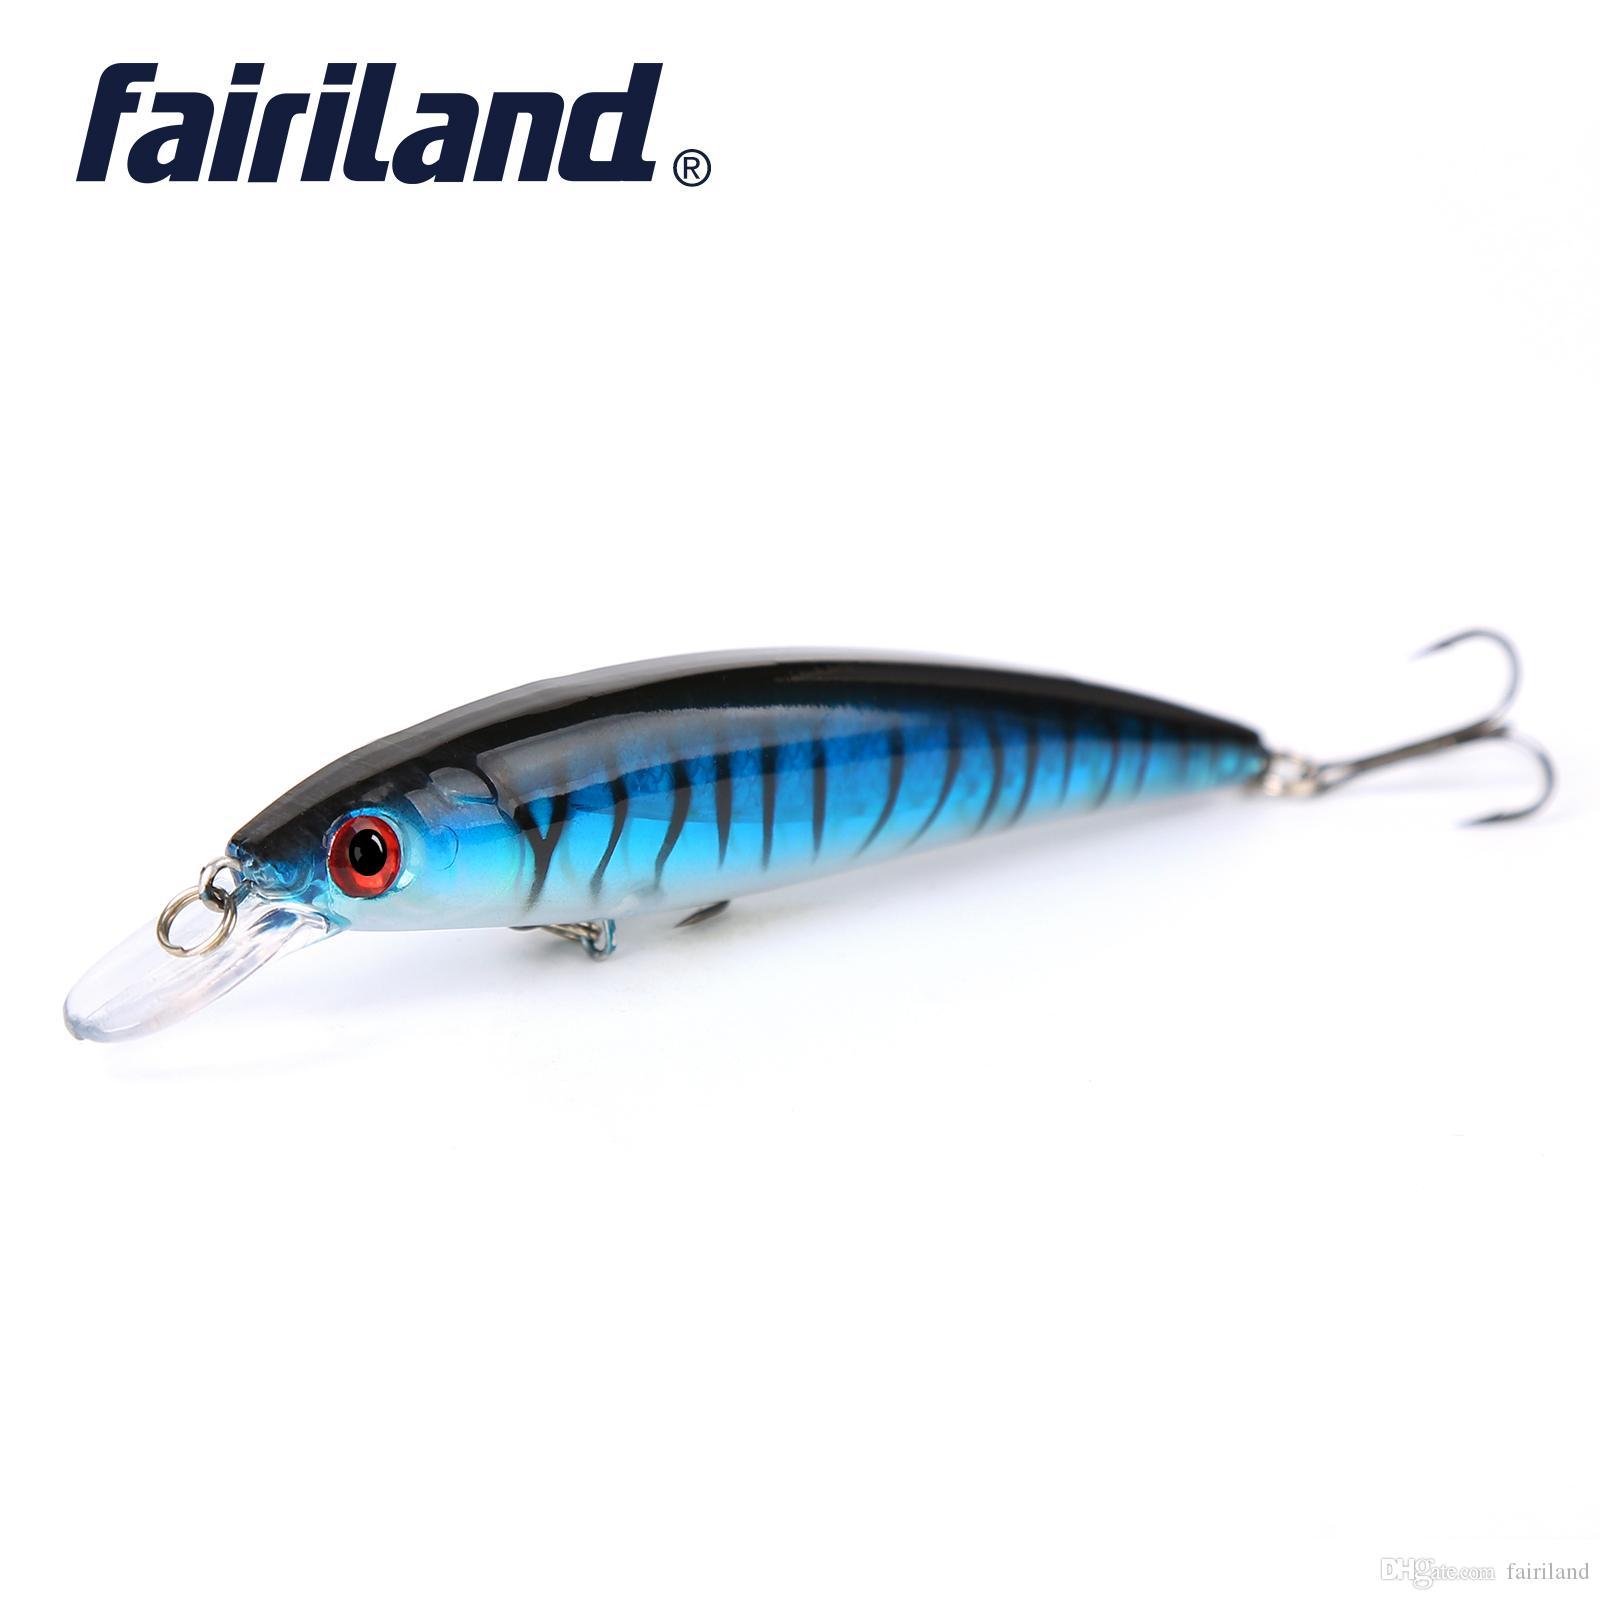 1pcs Minnow Pêche Lure 13.5g / 0,48 oz 11cm / 4.3in Style Classique Minnow appâts de pêche Peche Livraison gratuite Lure